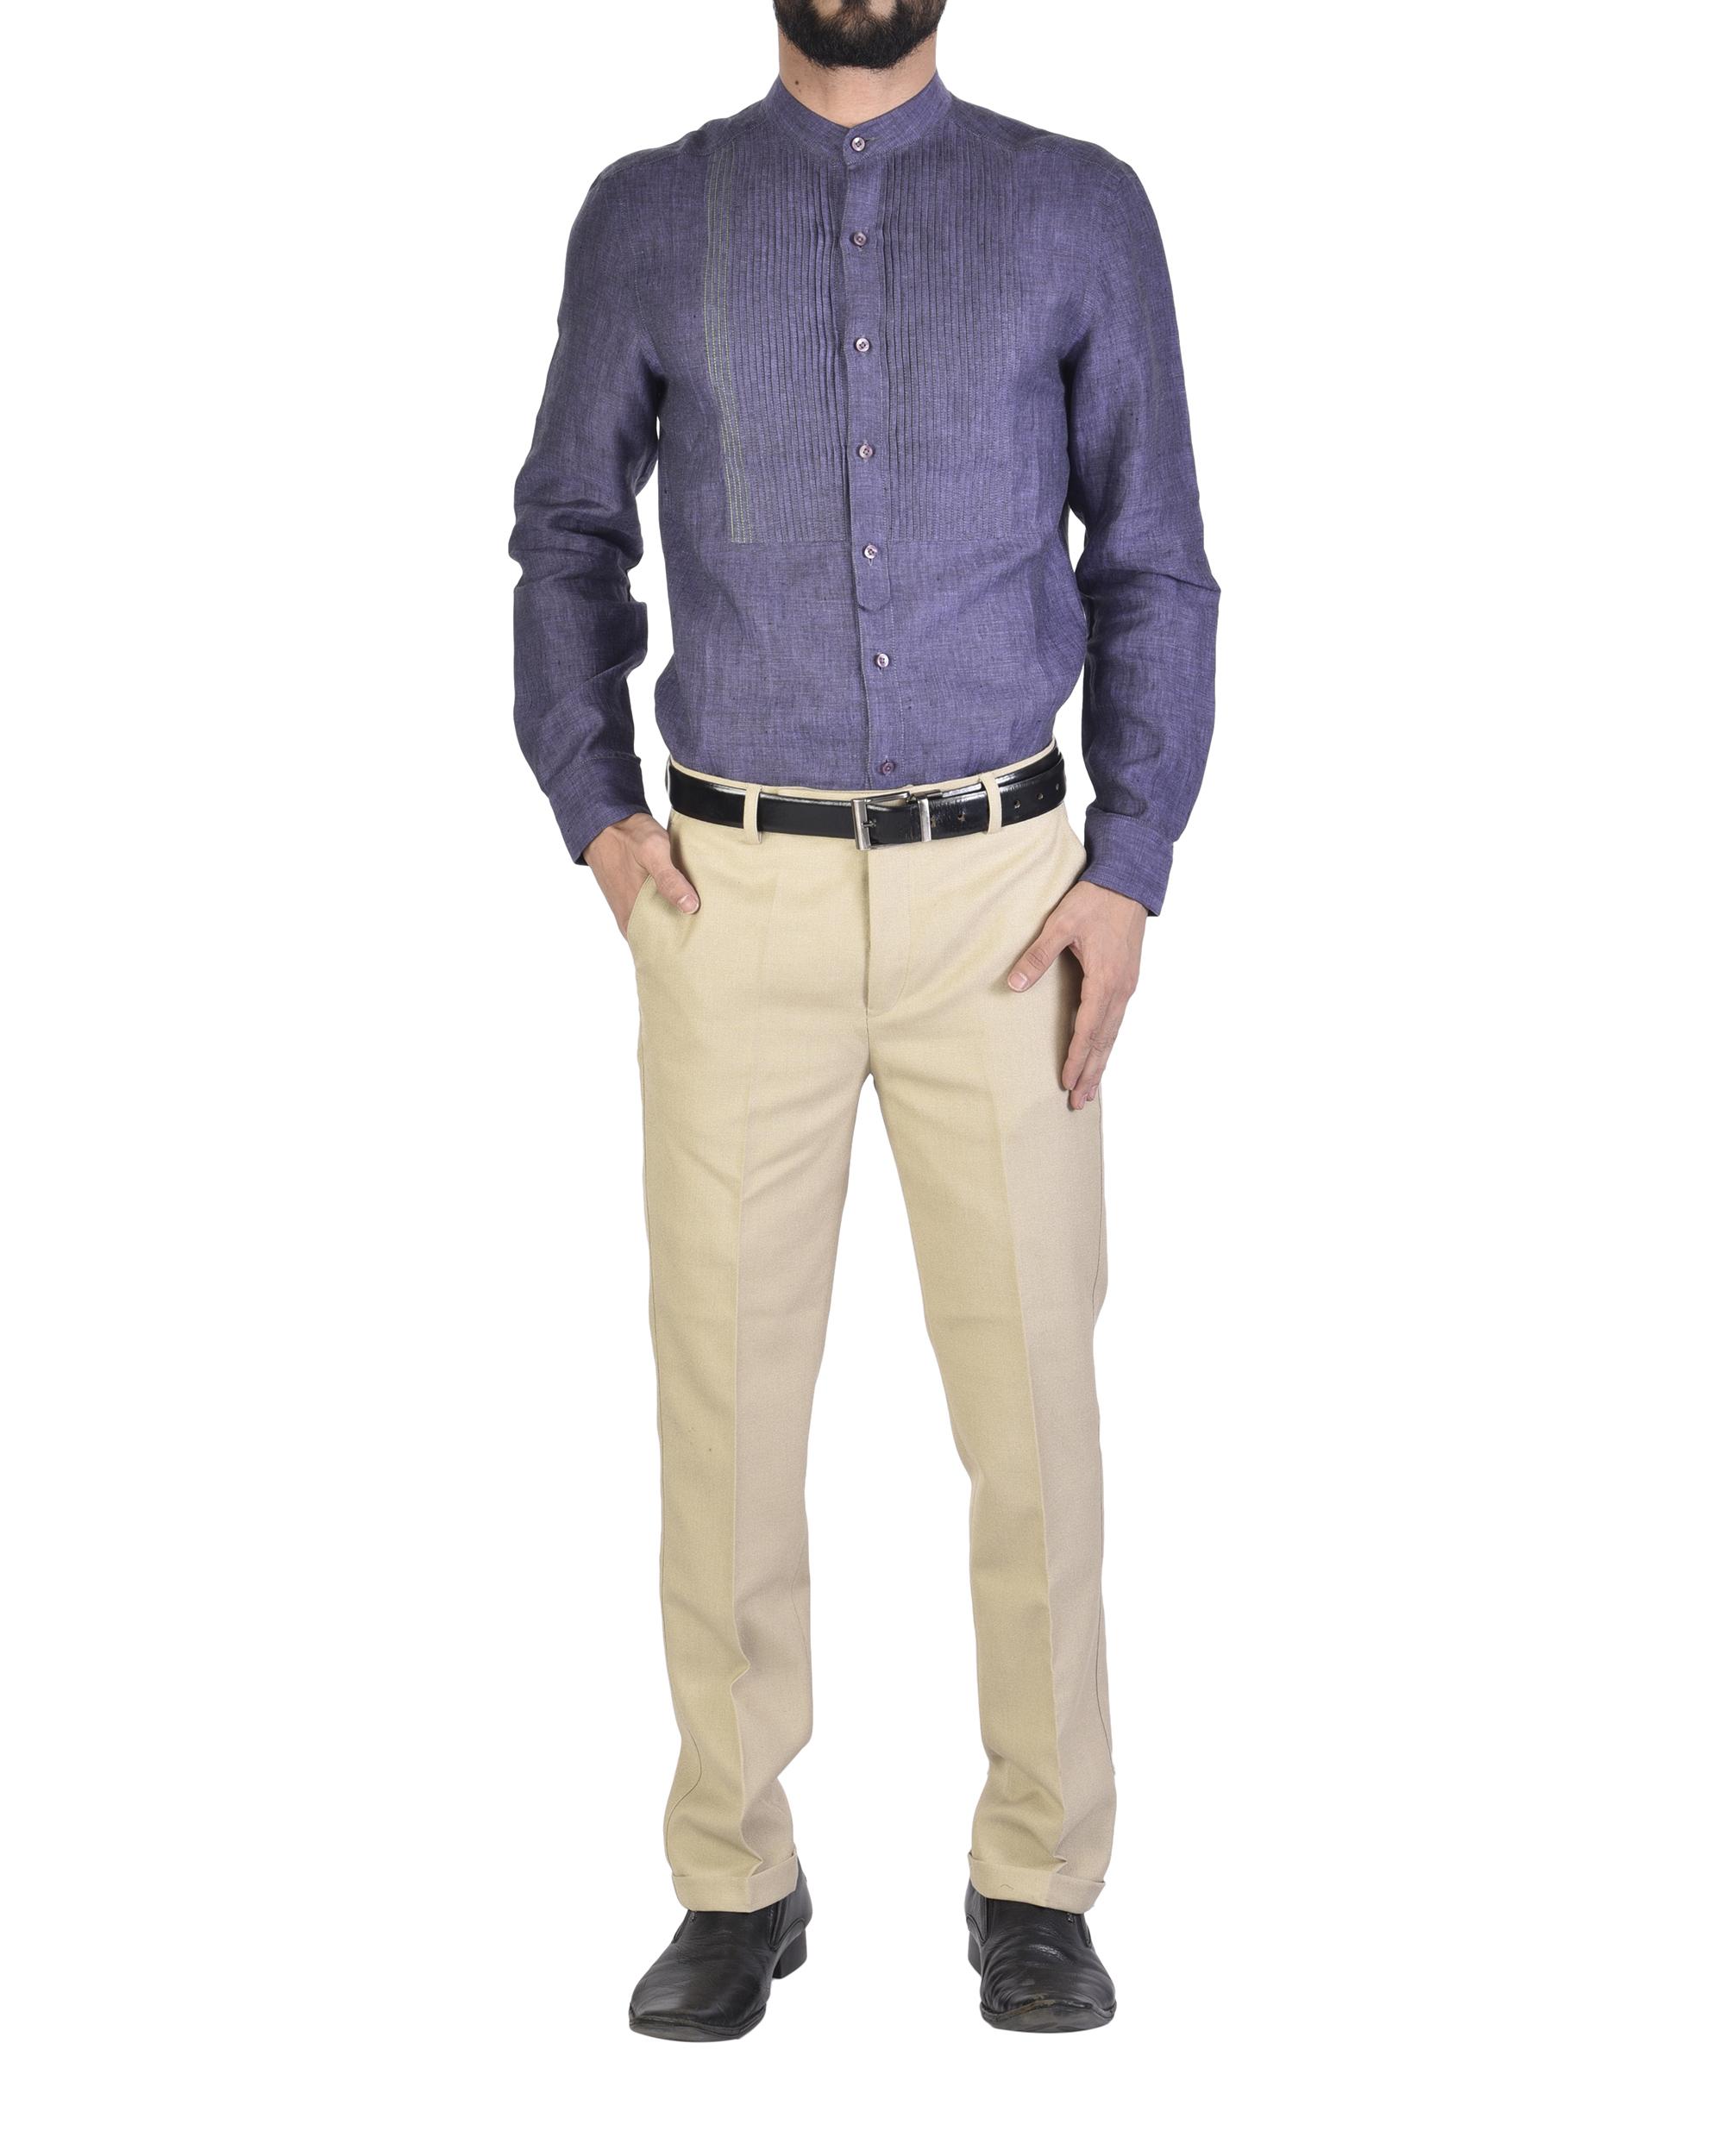 Purple shirt with front yoke